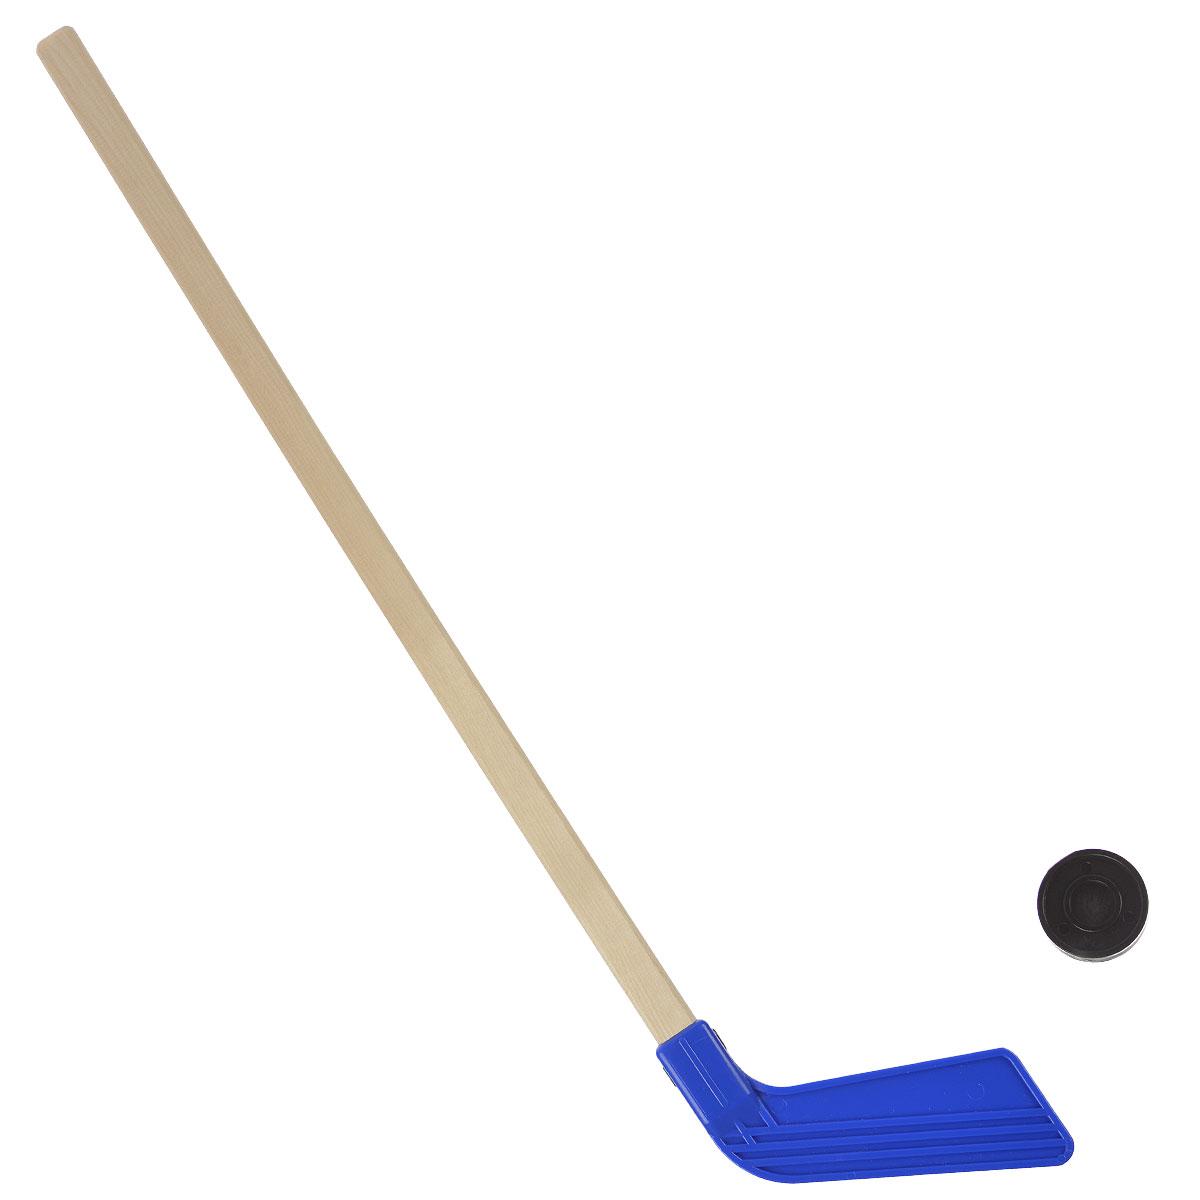 Набор для игры в хоккей Астрон КХЛ. 0020KHLSF 0085Набор для игры в хоккей Астрон КХЛ будет полезным подарком для маленьких любителей подвижных игр и активного отдыха. Набор включает в себя деревянную клюшку с пластиковой насадкой и пластиковую шайбу. Хоккейный набор поможет в приобщении ребенка к спорту, а также доставит много радости и принесет большое количество новых впечатлений. Приобретая набор для игры в хоккей, вы обеспечите малышу весело проведенное время и крепкое здоровье, ведь активные игры на природе очень полезны.